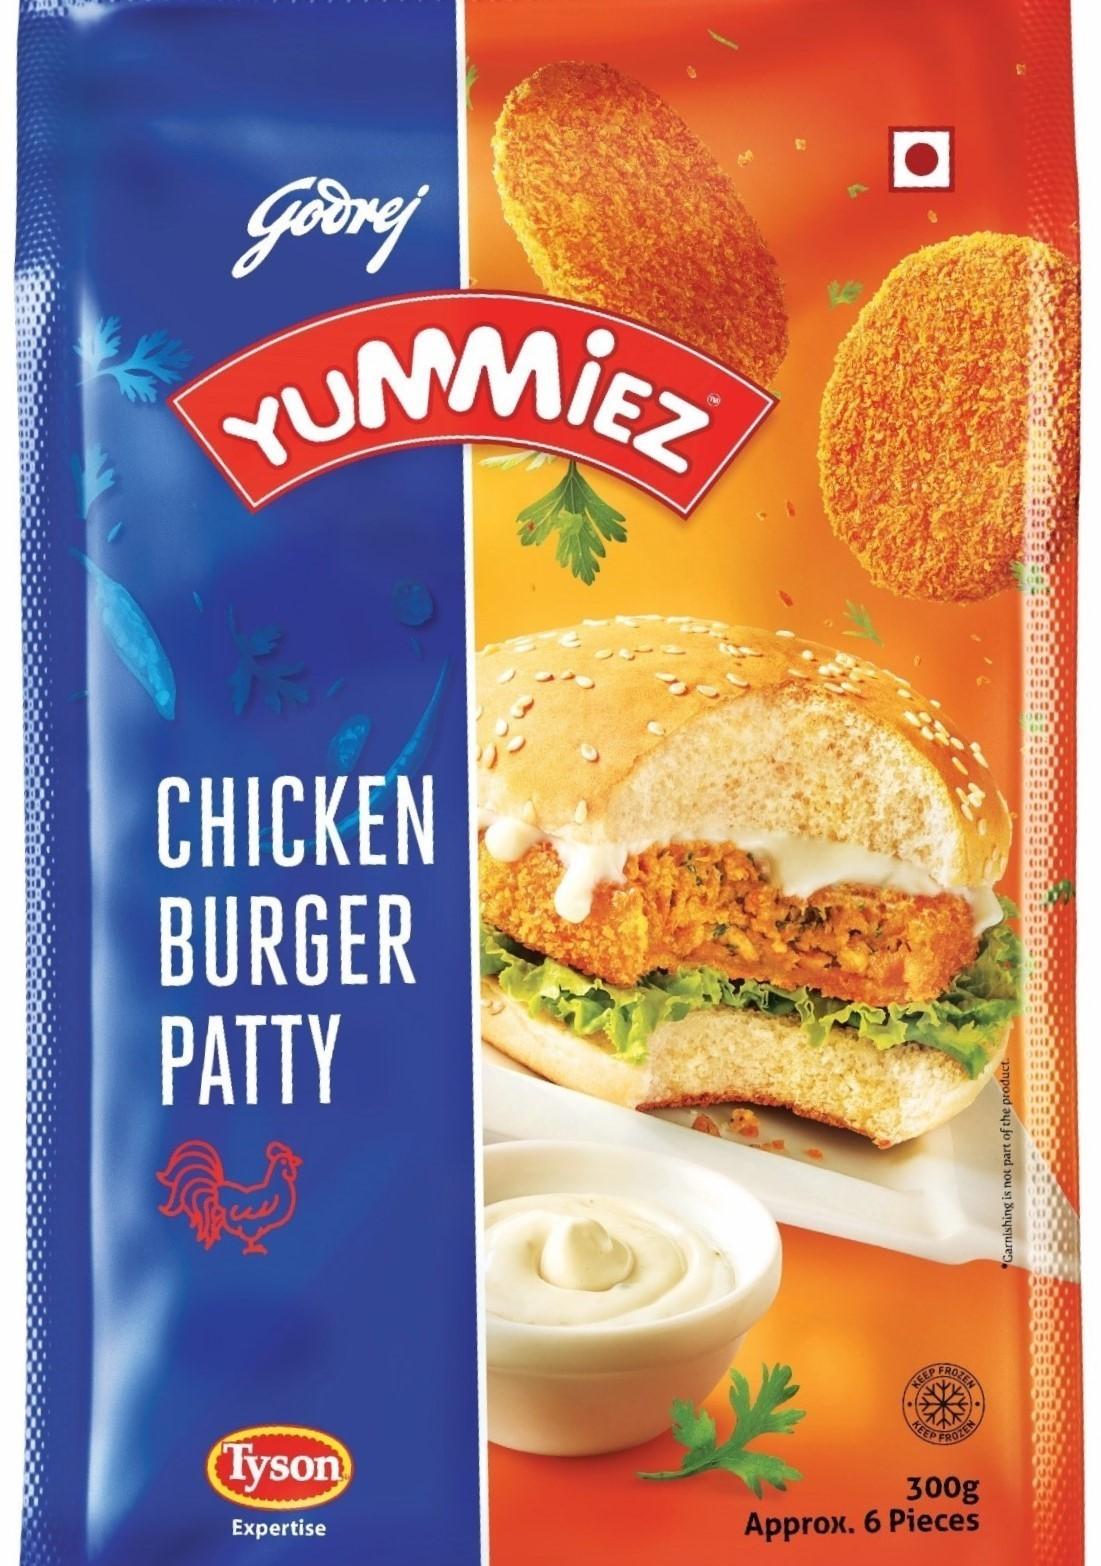 Yummiez Chicken Burger Patty 300 g